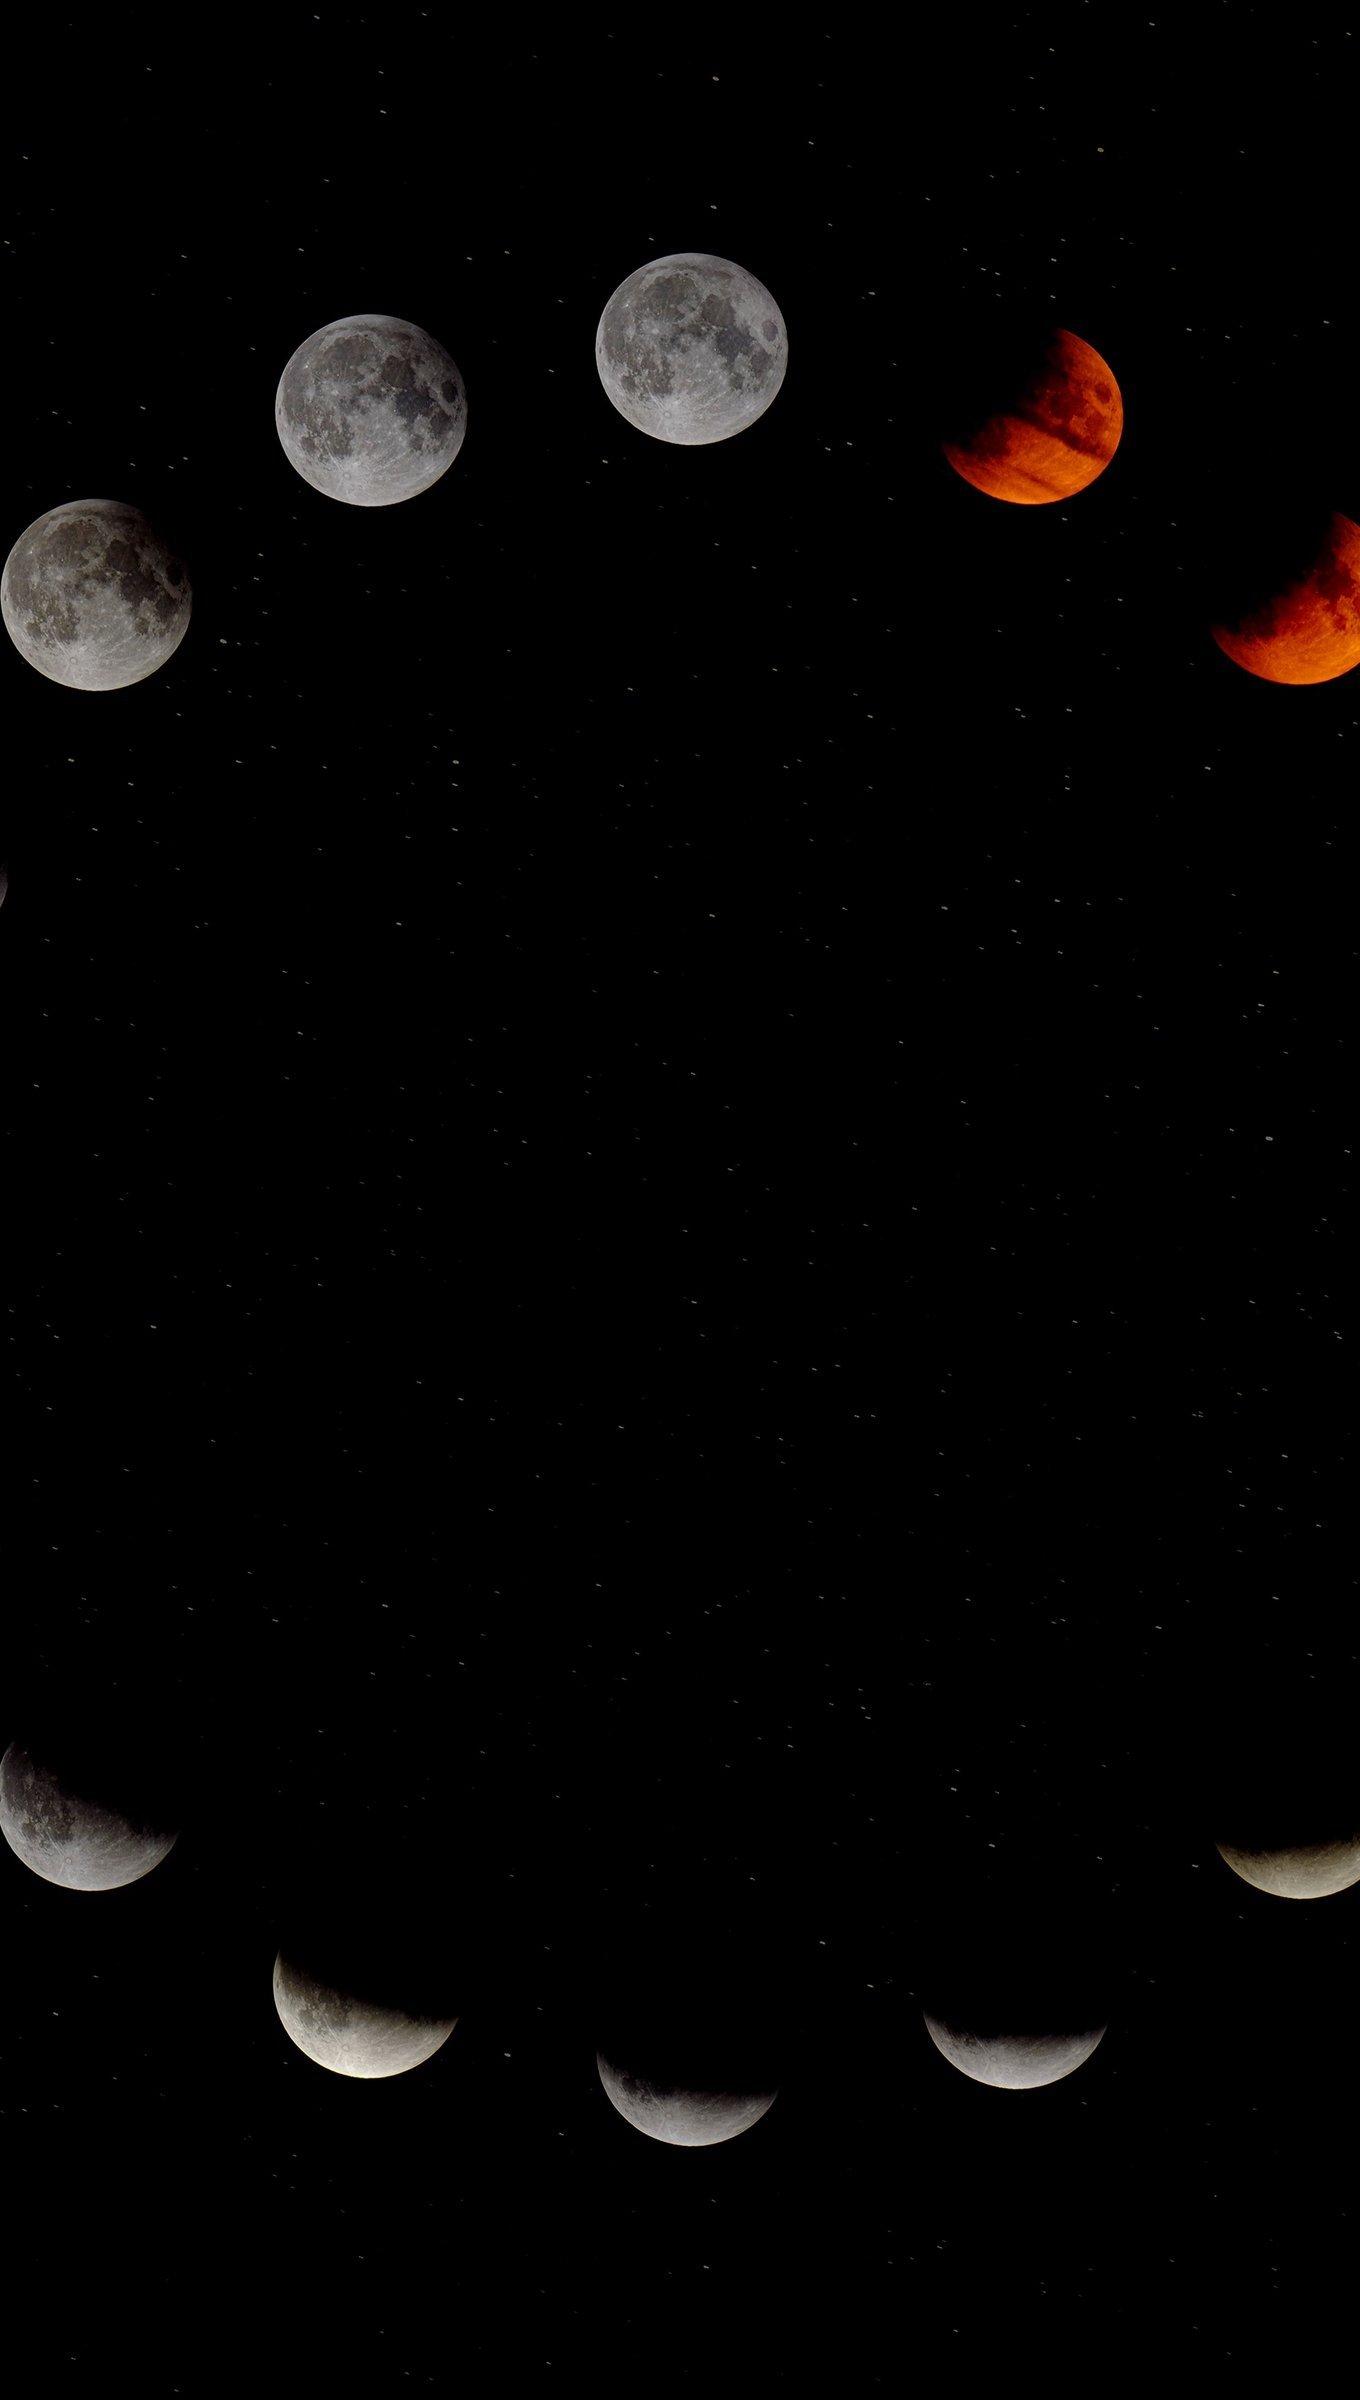 Fondos de pantalla Las fases de la luna Vertical